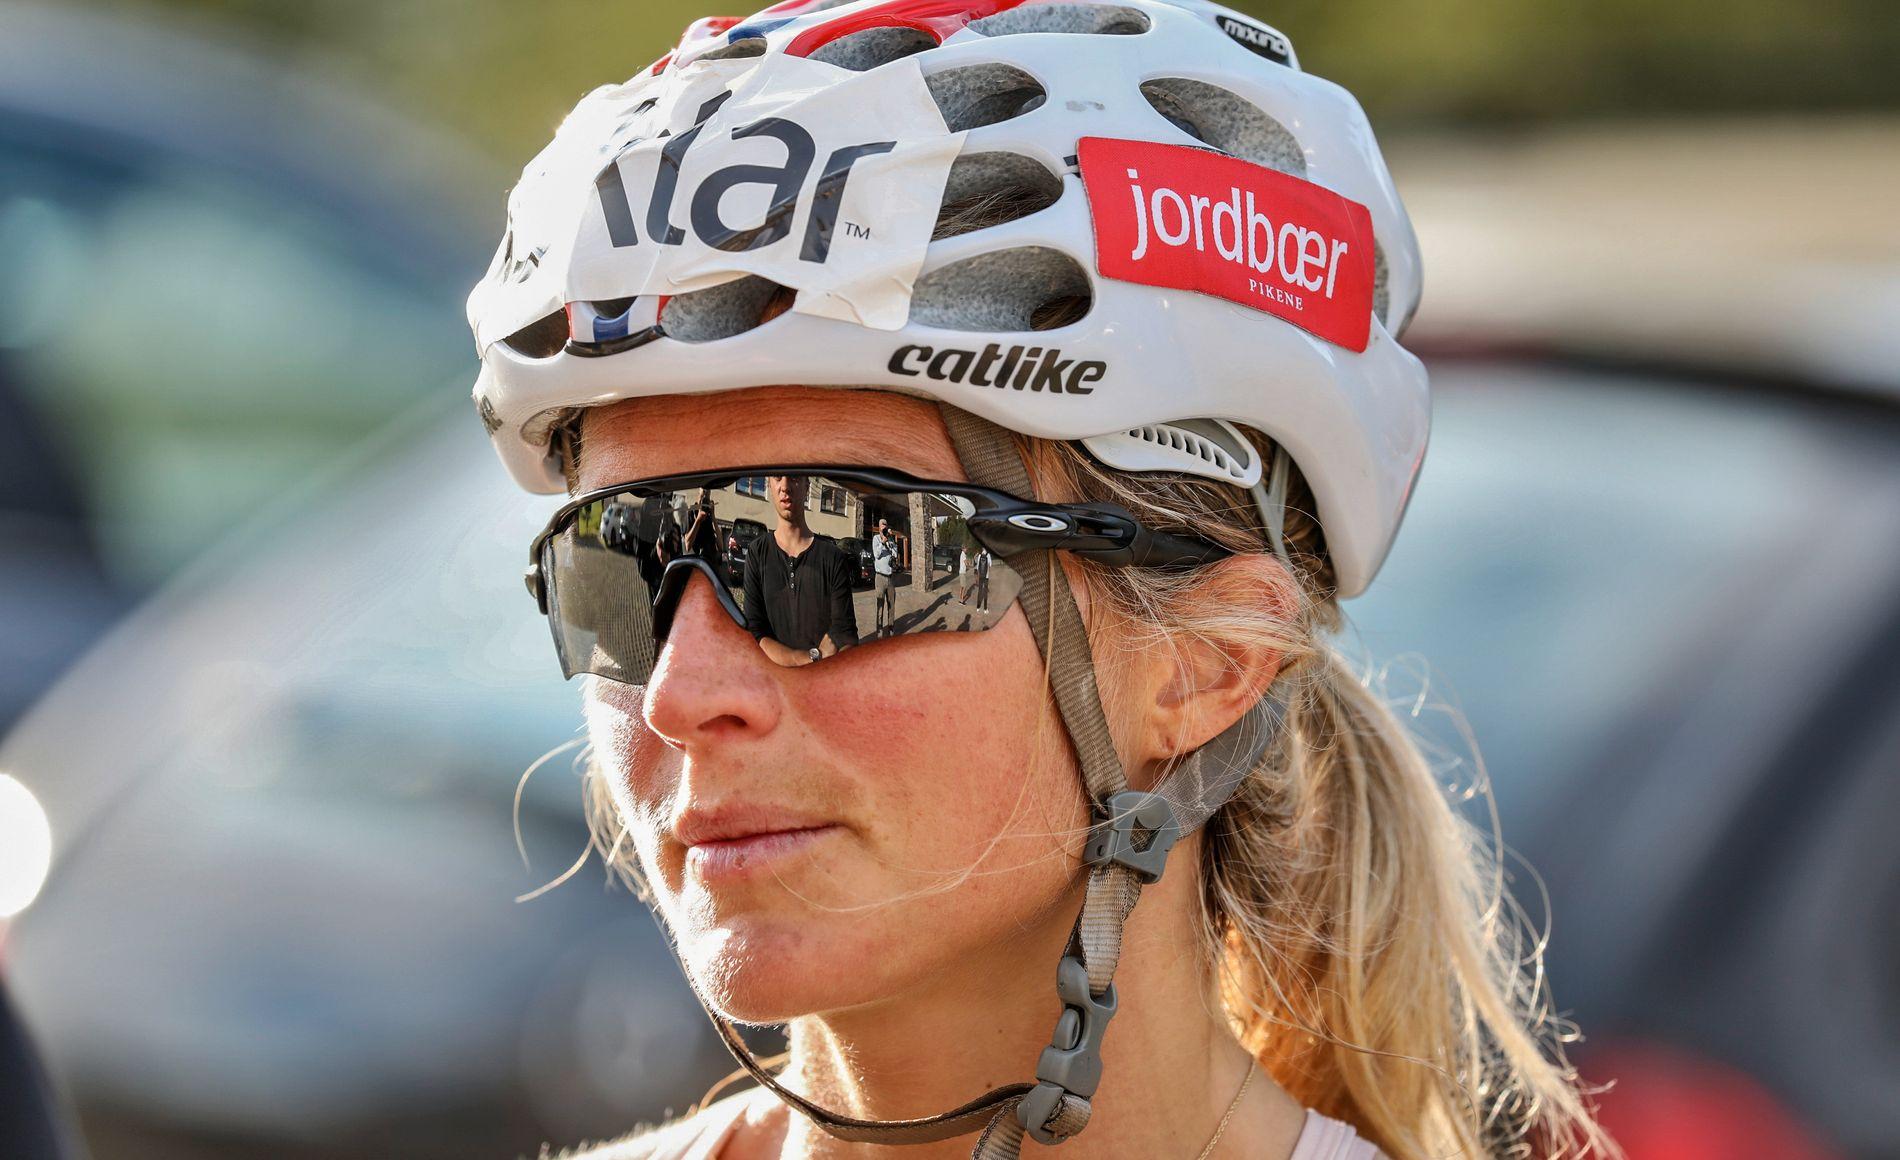 18 MÅNEDER: Therese Johaug fikk i seg det anabole steroidet clostebol i fjor. Nå foreligger omsider en endelig dom i saken mot henne.